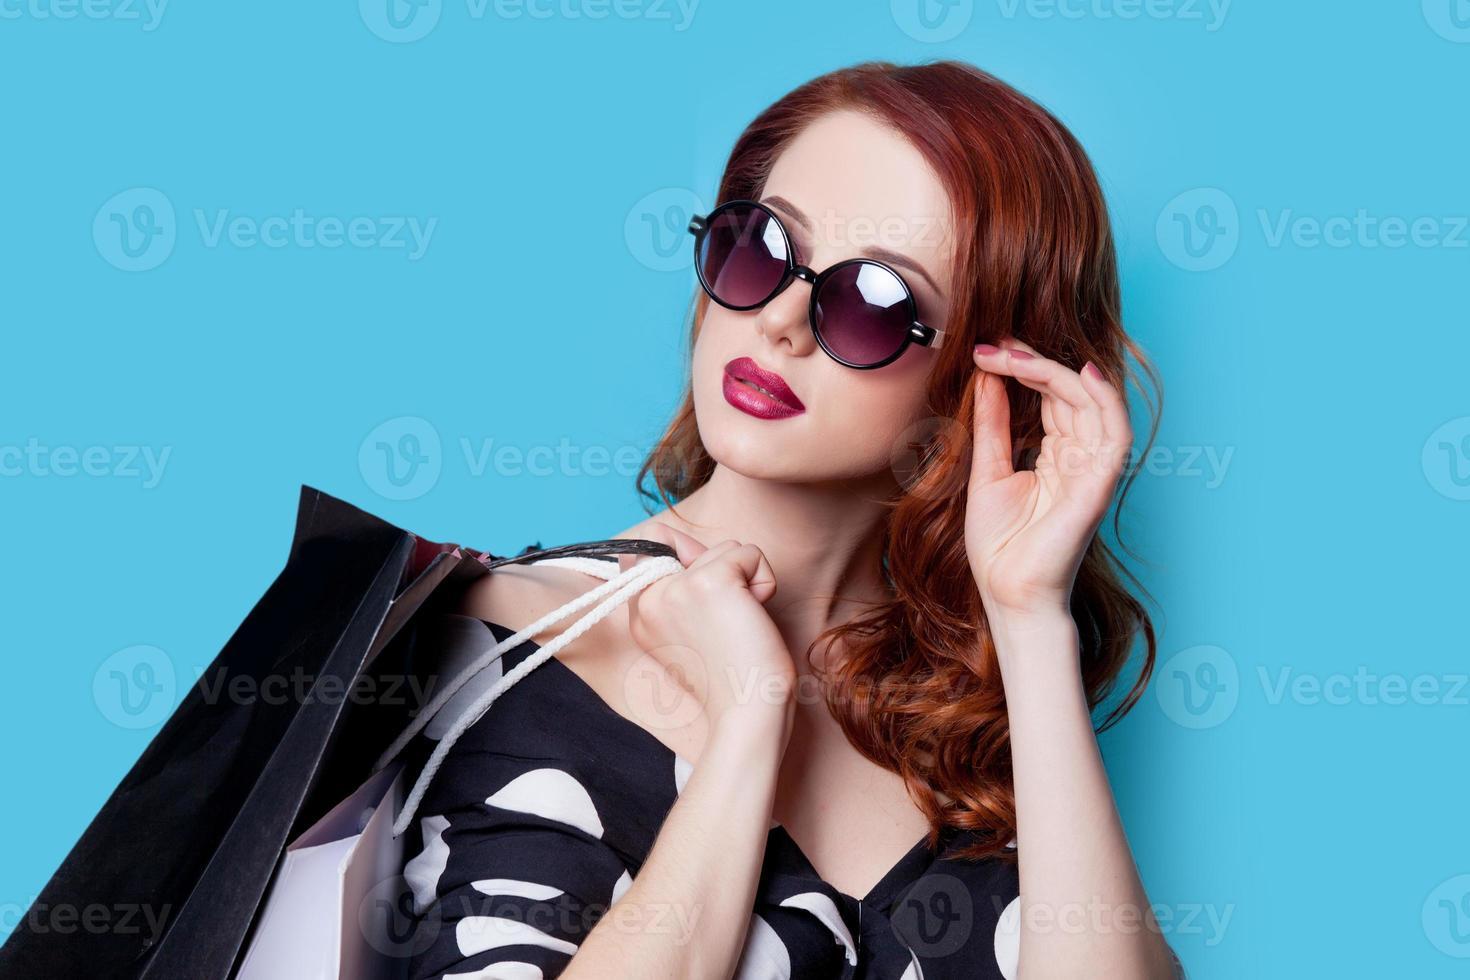 garota de vestido preto com sacolas de compras foto